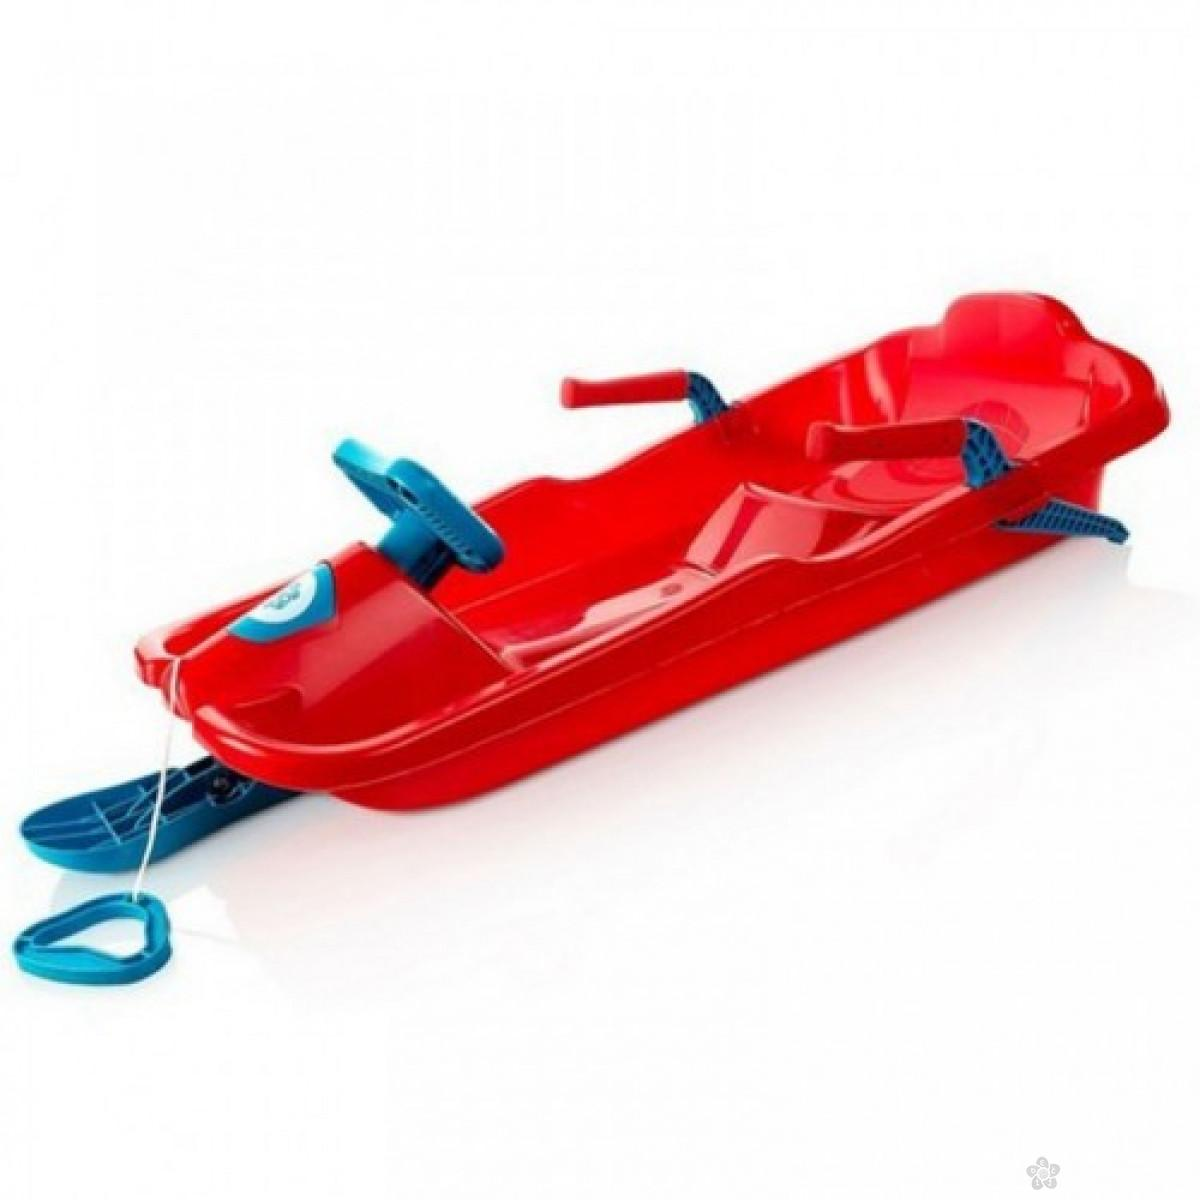 Sanke Plastkon Skibob red